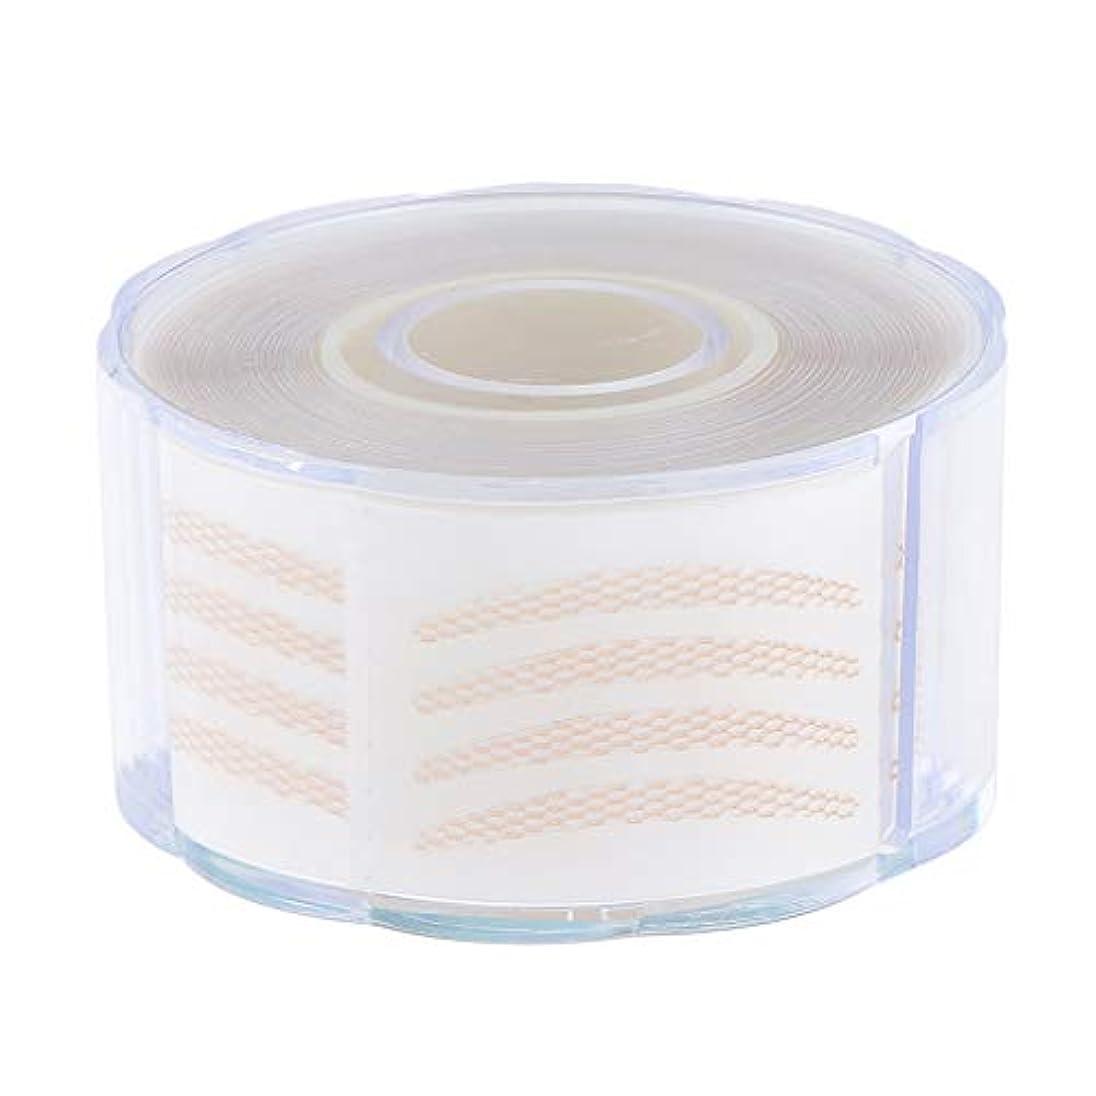 松の木例外イノセンス1組の220組の見えない繊維のストリップの二重まぶたの持ち上がるテープ - 2.5 x 0.2 cm